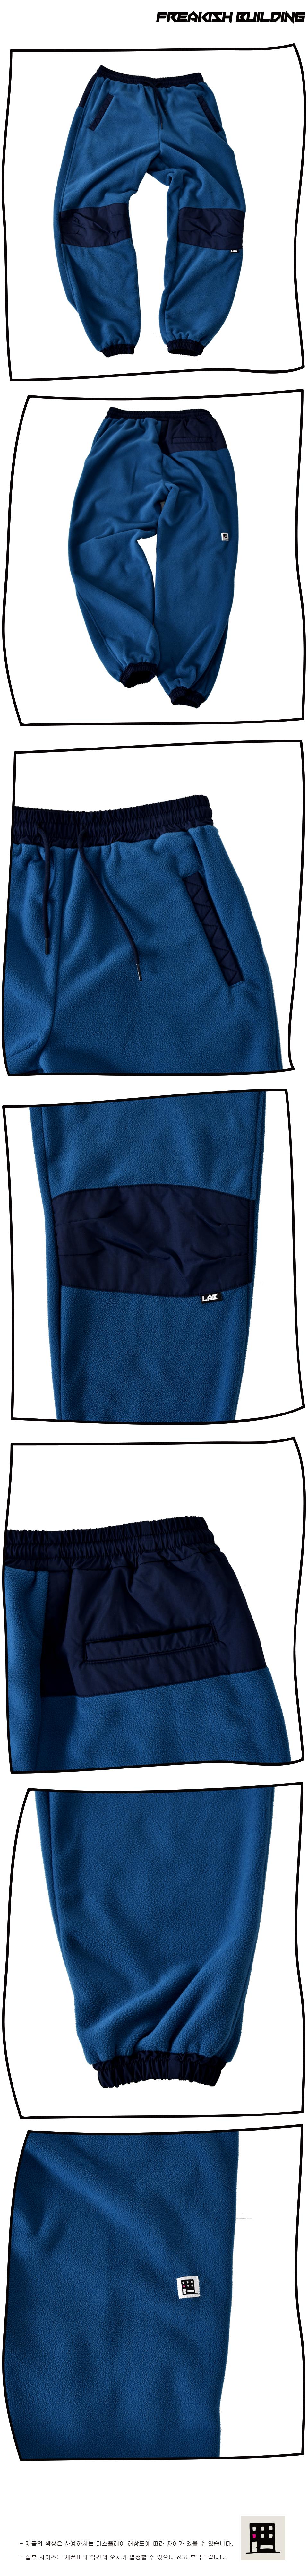 #24 TODDLE FLEECE LONG PANTS (NAVY) 03.jpg